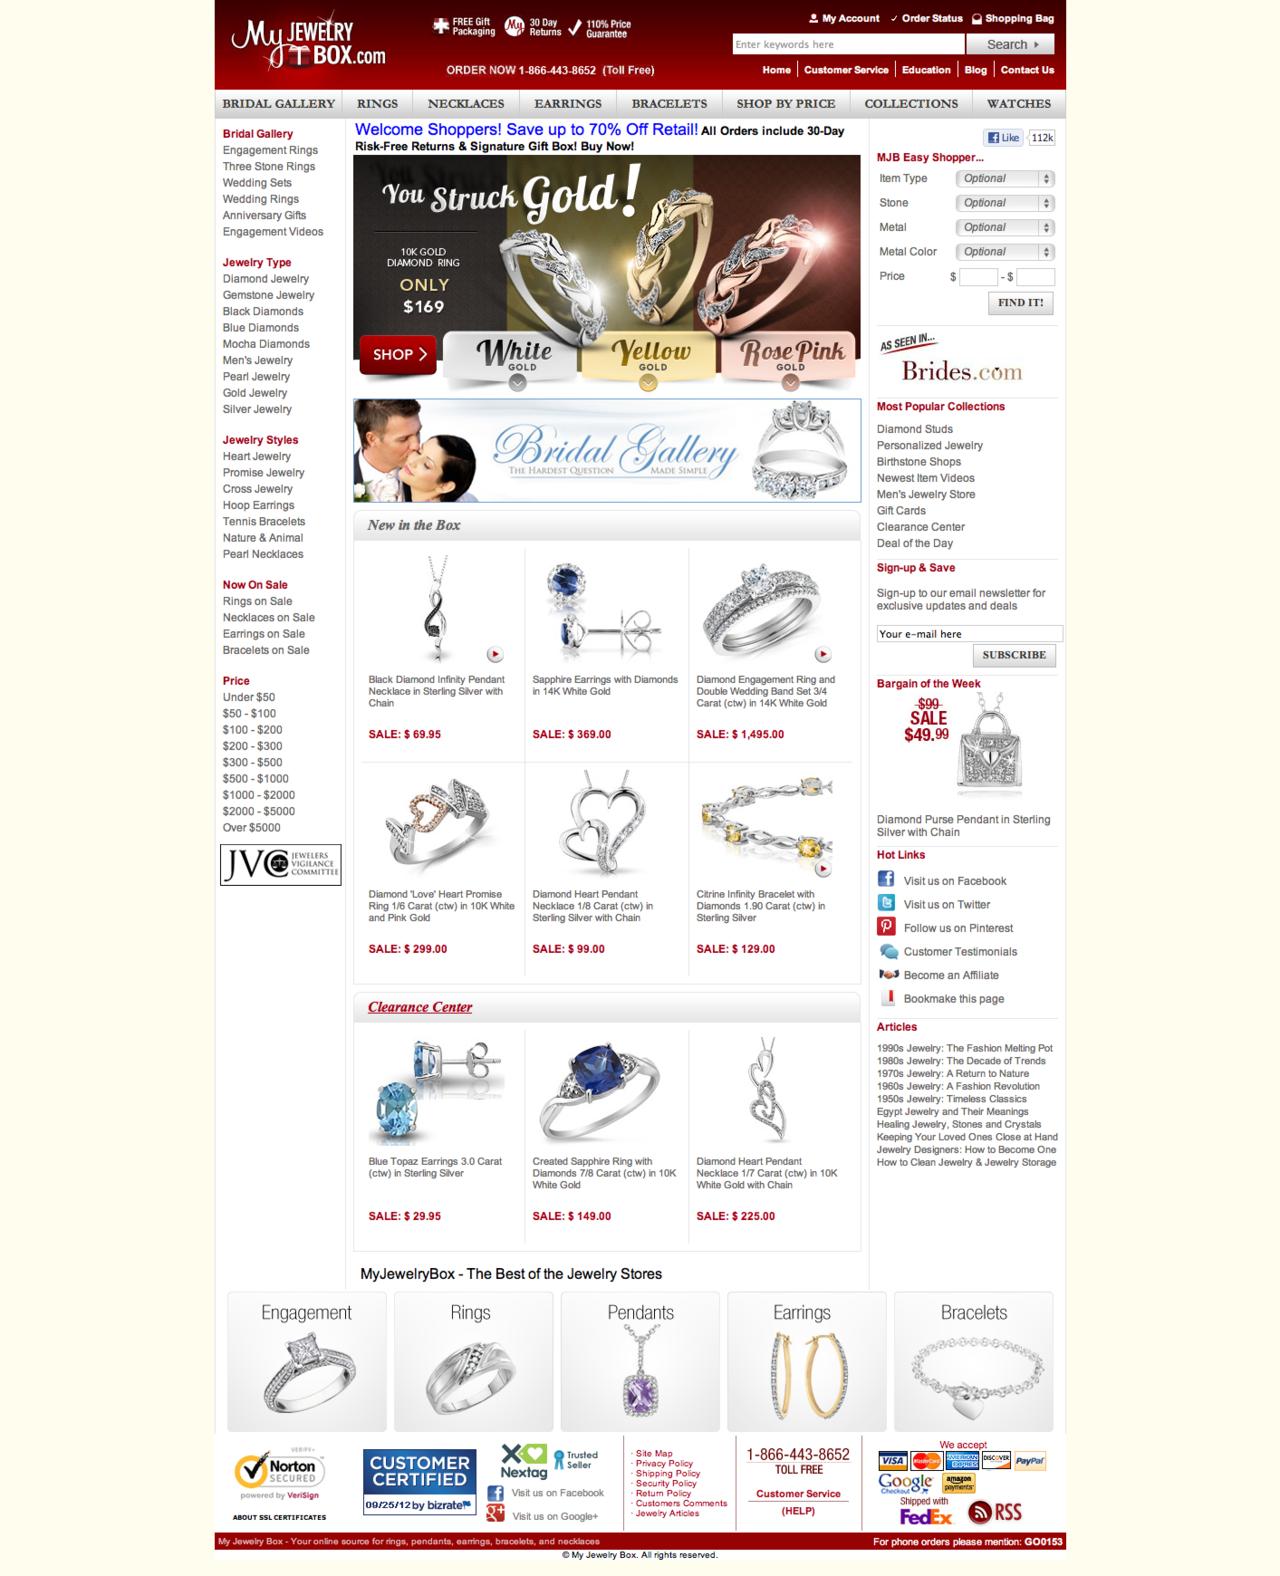 www.myjewelrybox.com